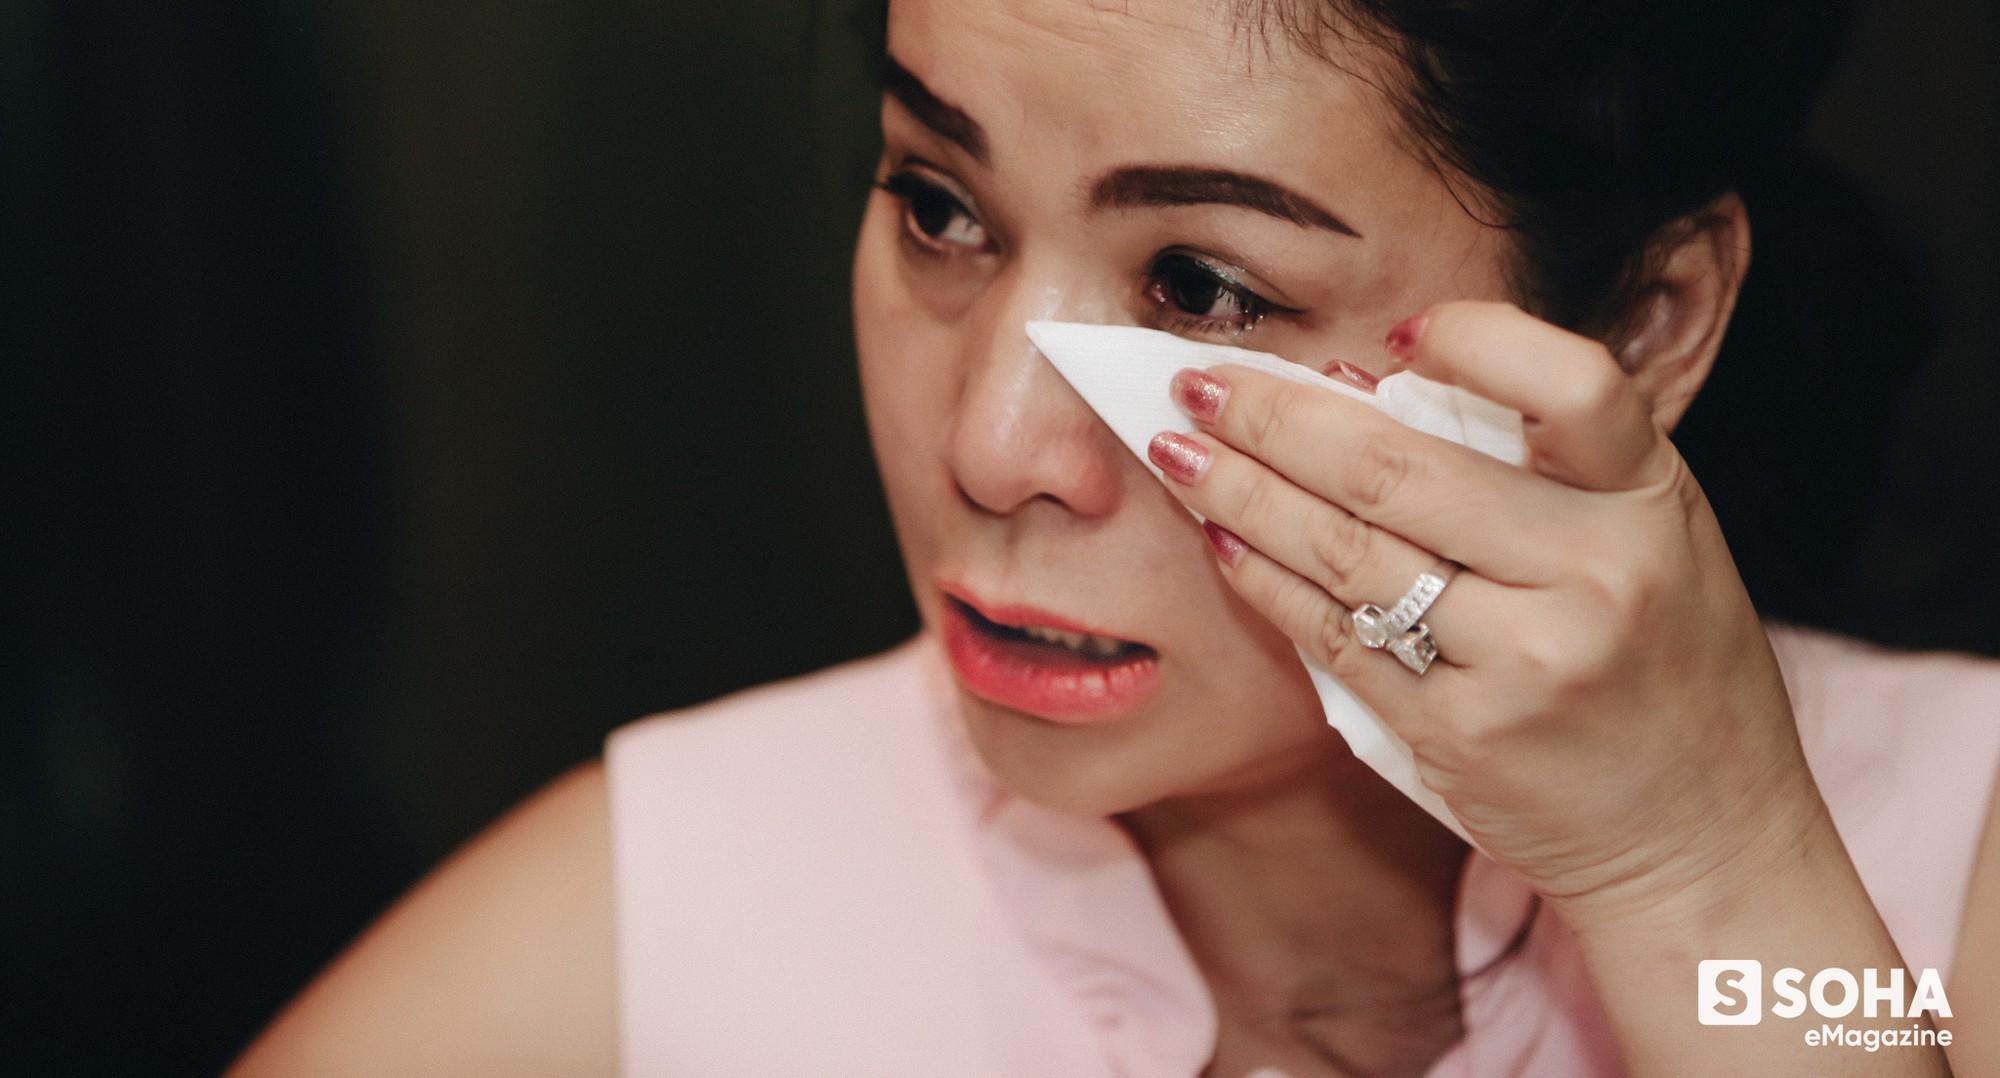 """Vợ vua cà phê Đặng Lê Nguyên Vũ: """"Tôi và các con sẽ luôn chờ anh ấy quay về, kể cả khi tay trắng…"""" - Ảnh 20."""